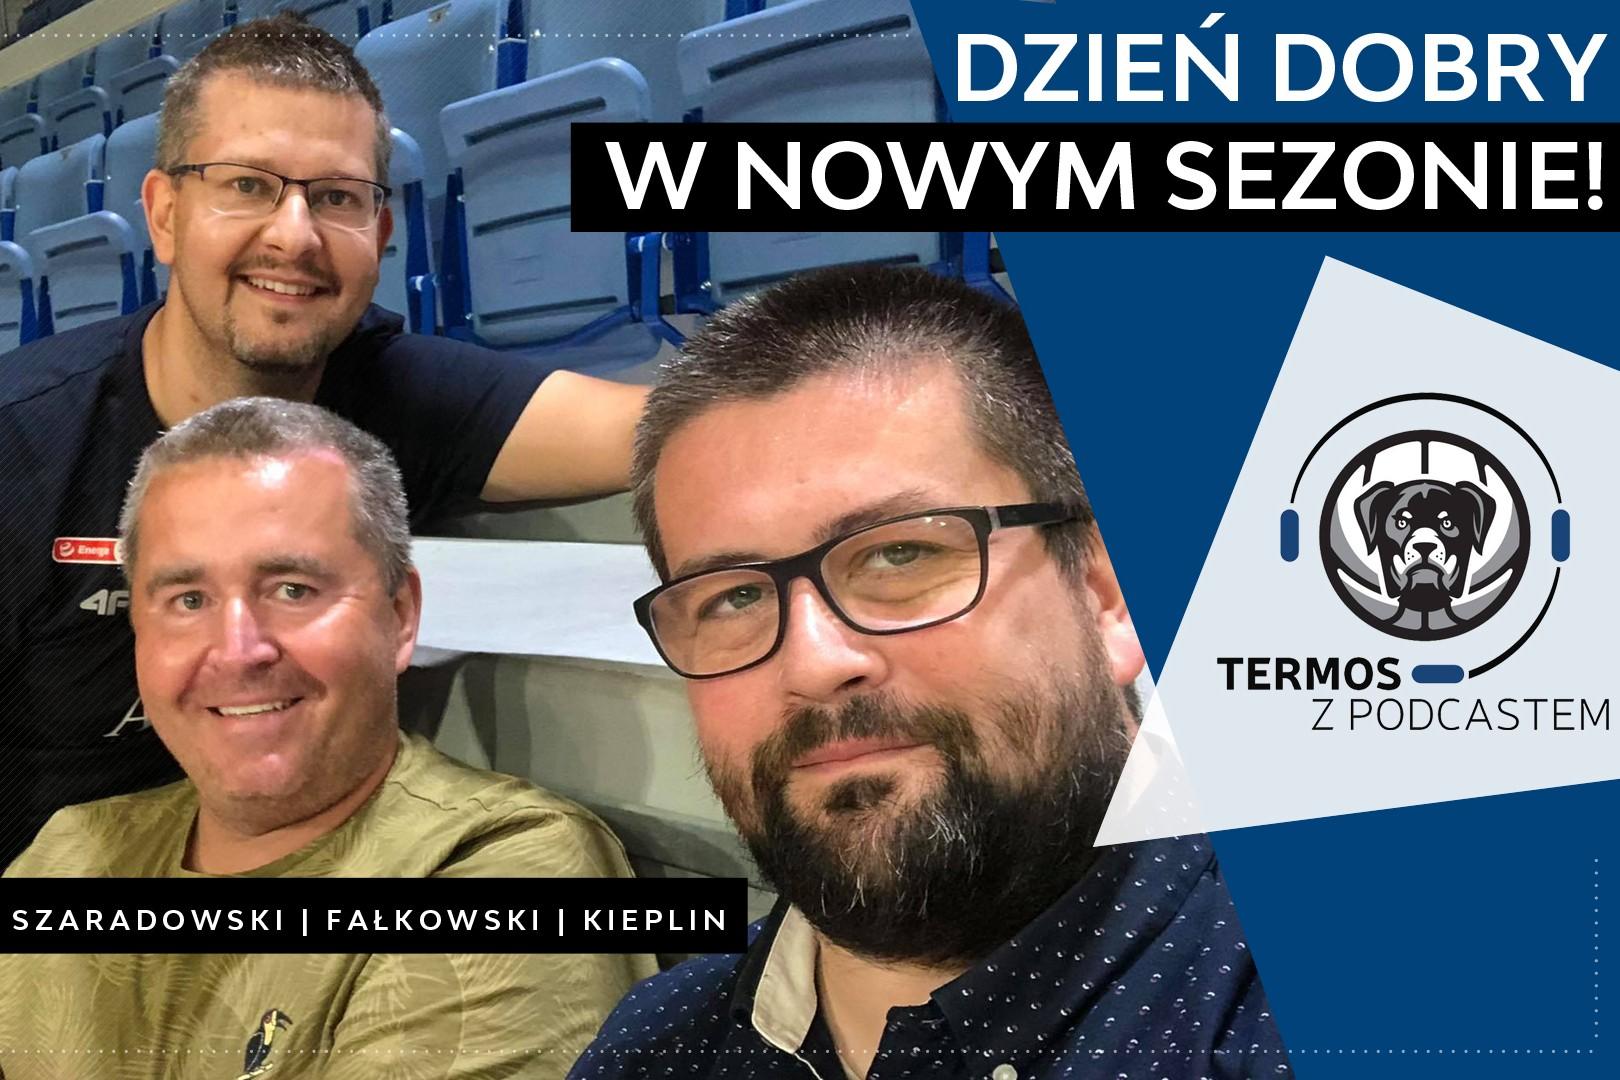 #106 Termos z Podcastem: Dzień dobry w nowym sezonie!